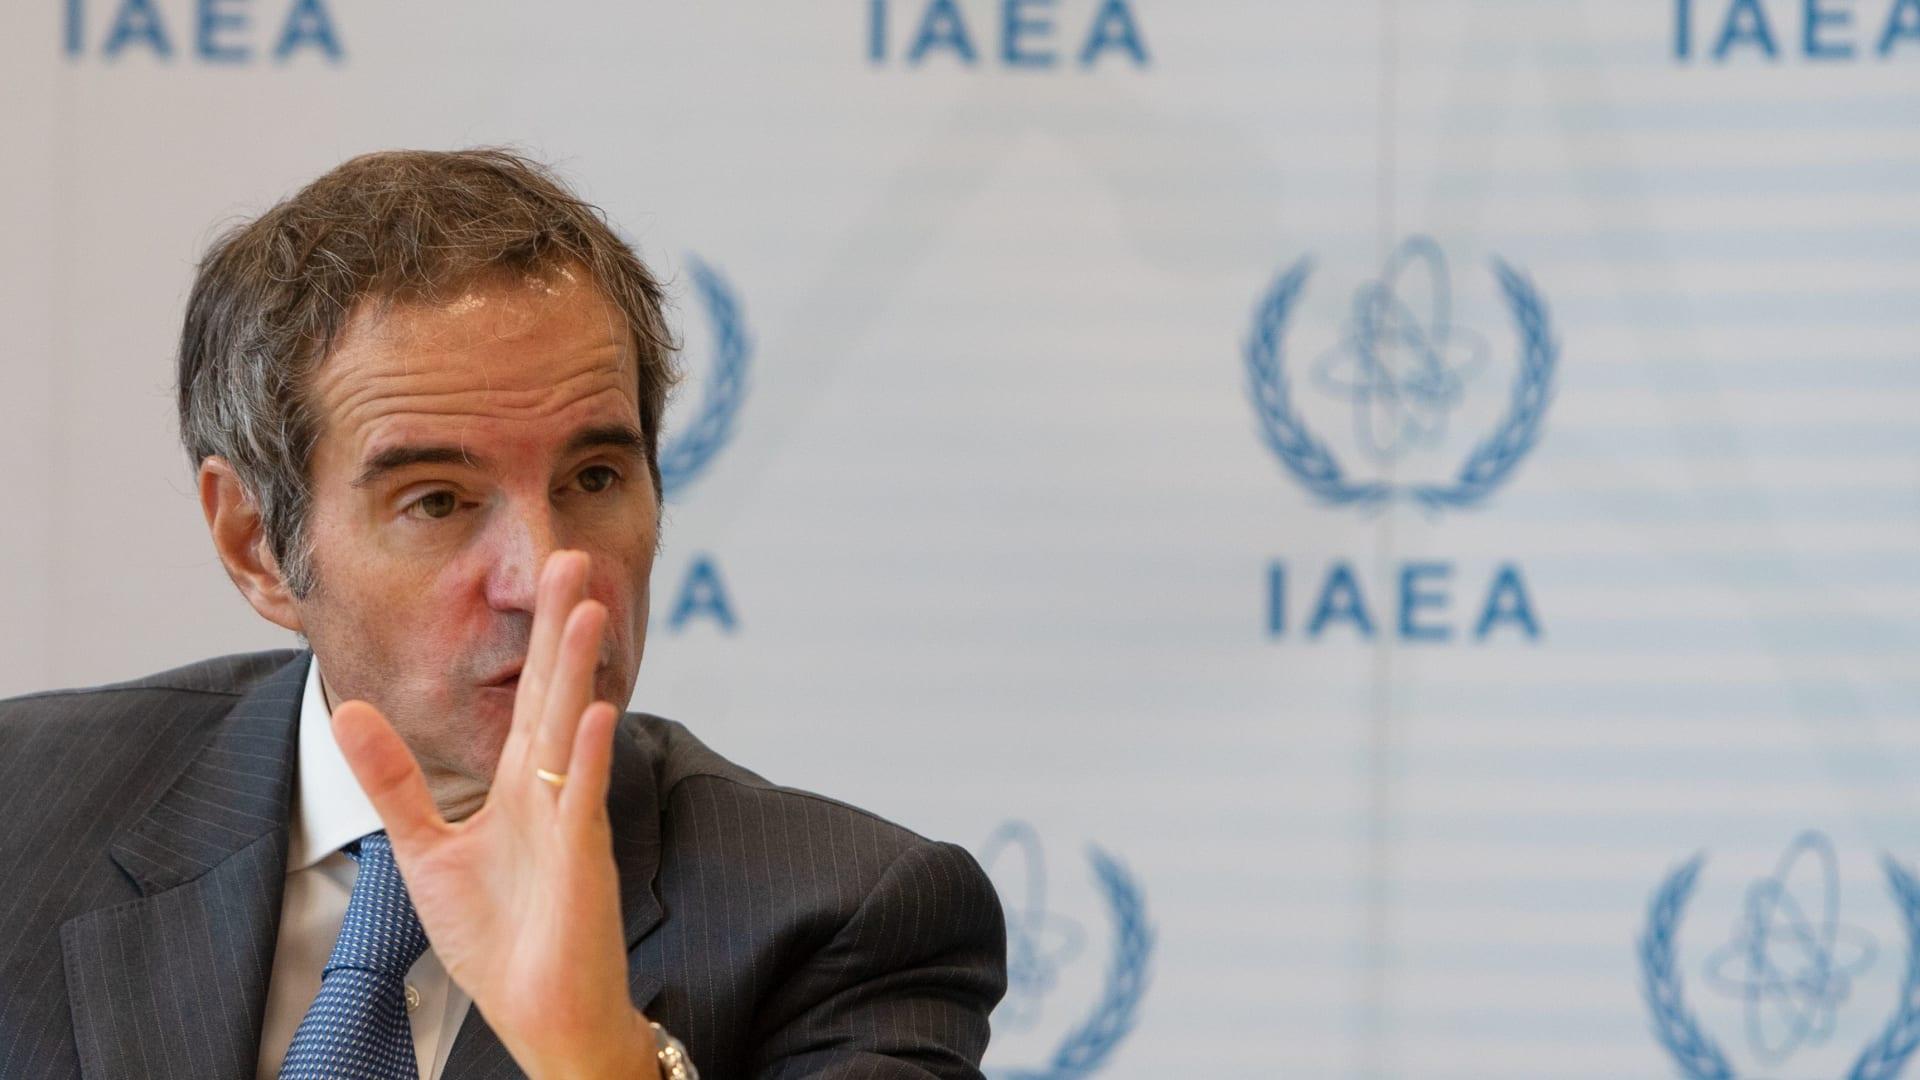 تقرير لوكالة الطاقة الذرية: إيران أنتجت كمية من معدن اليورانيوم